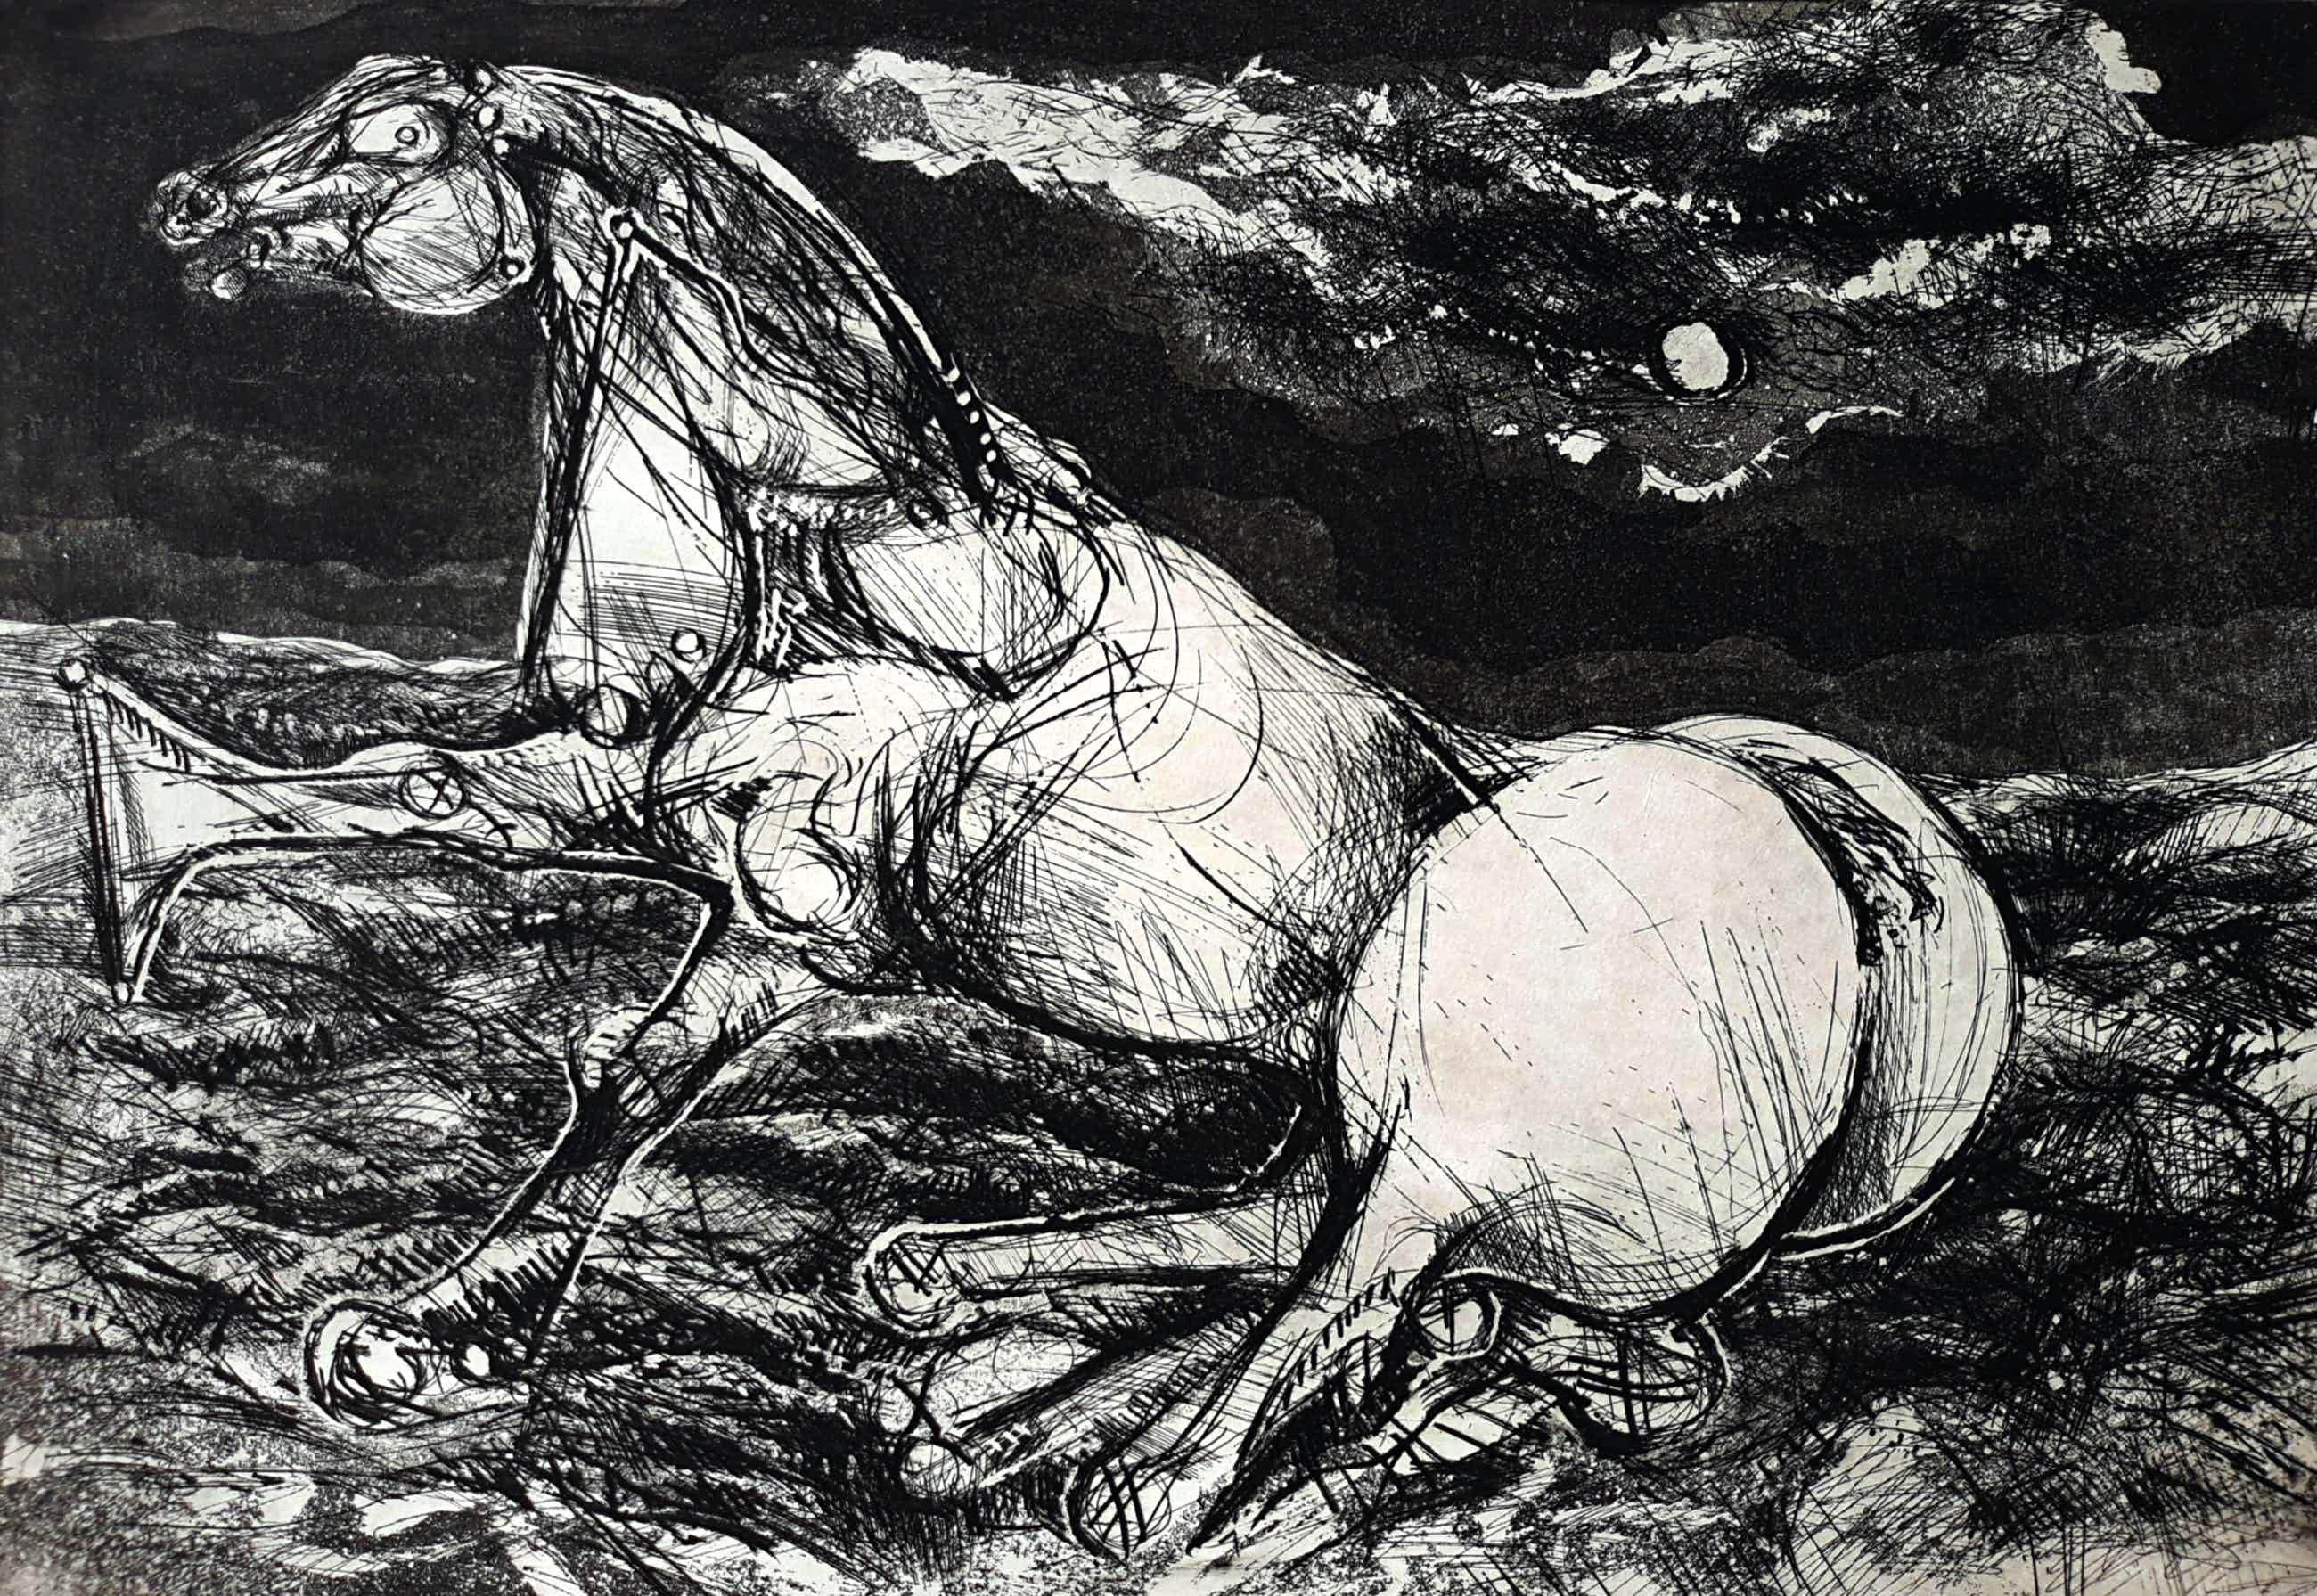 Willem Snitker - Paard in woest landschap, aquatint ets kopen? Bied vanaf 45!